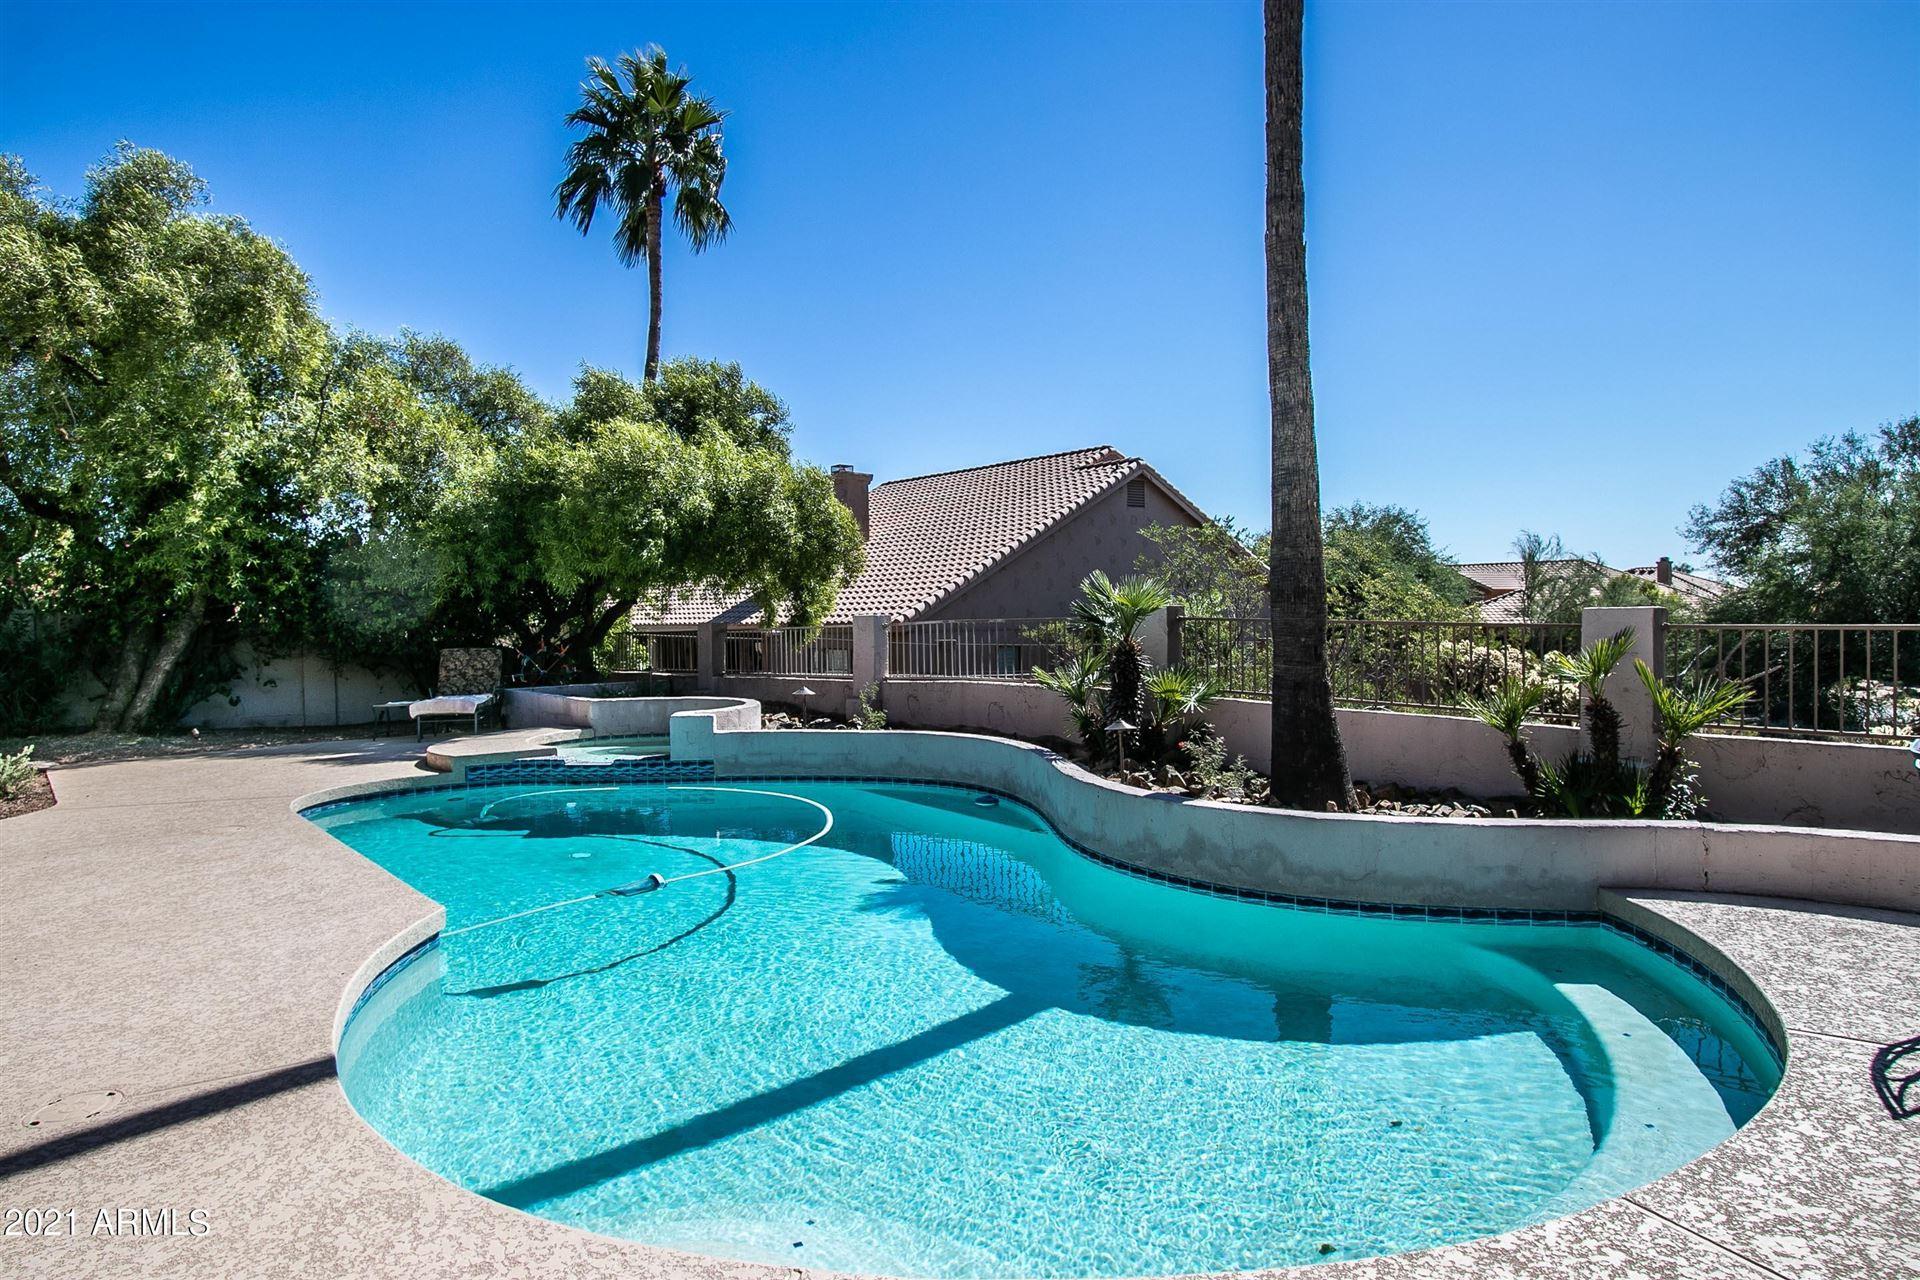 12653 E POINSETTIA Drive, Scottsdale, AZ 85259 - #: 6307869